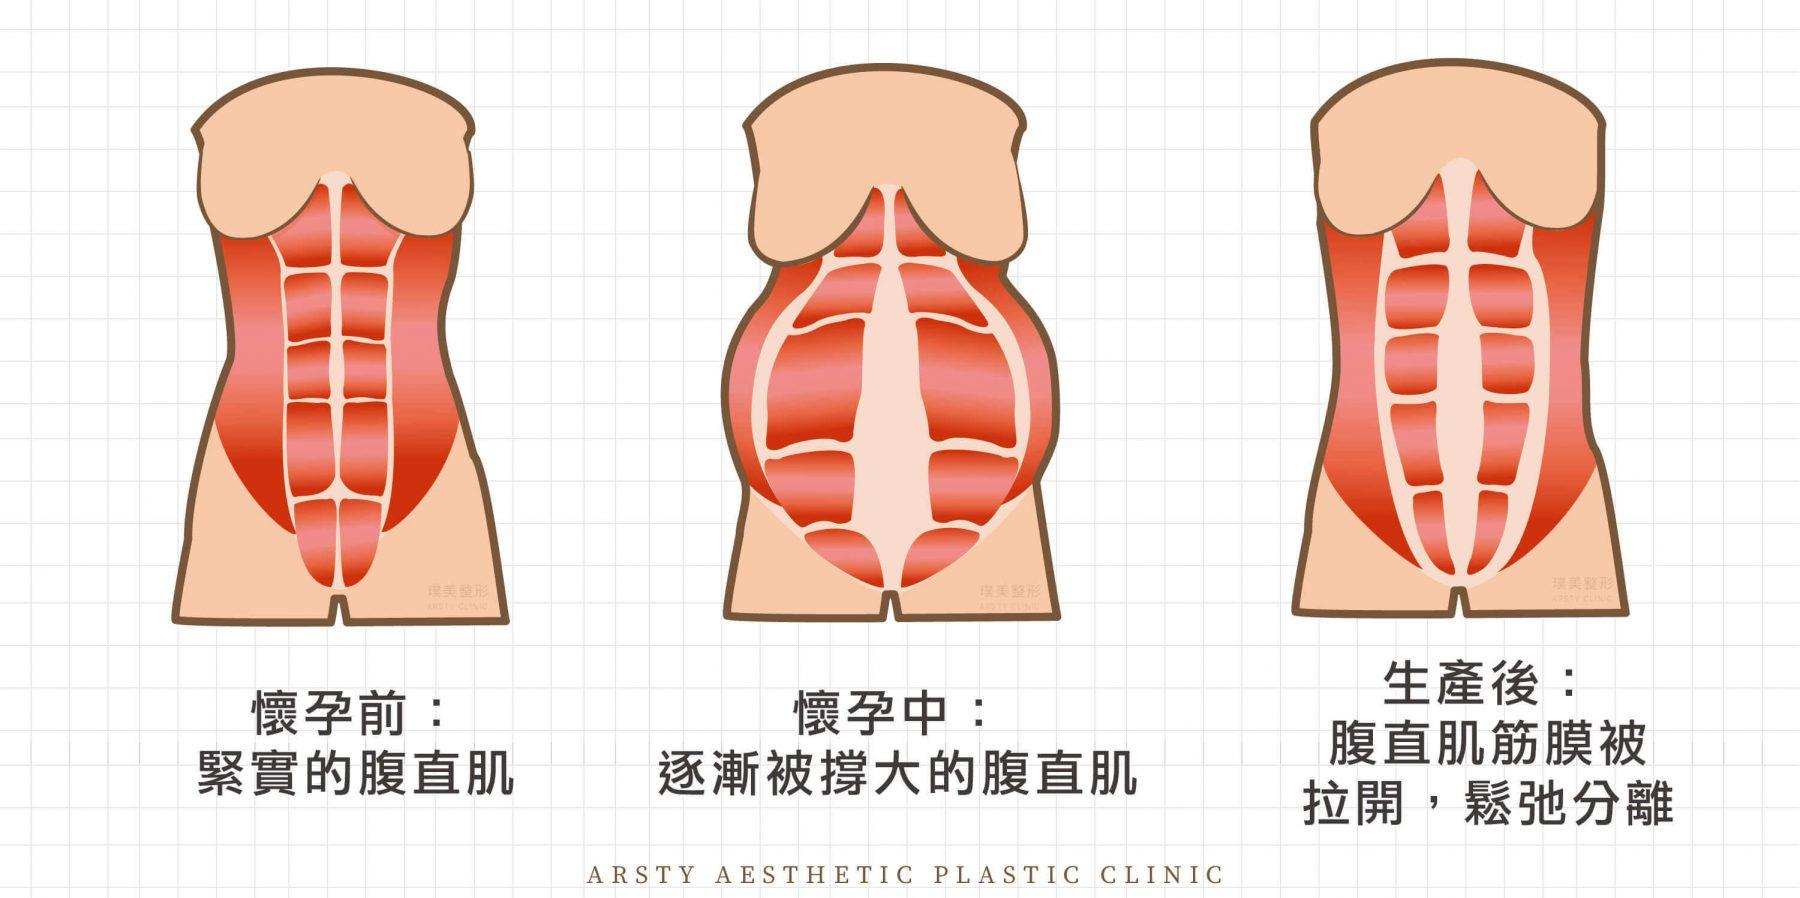 客製化腹部拉皮手術